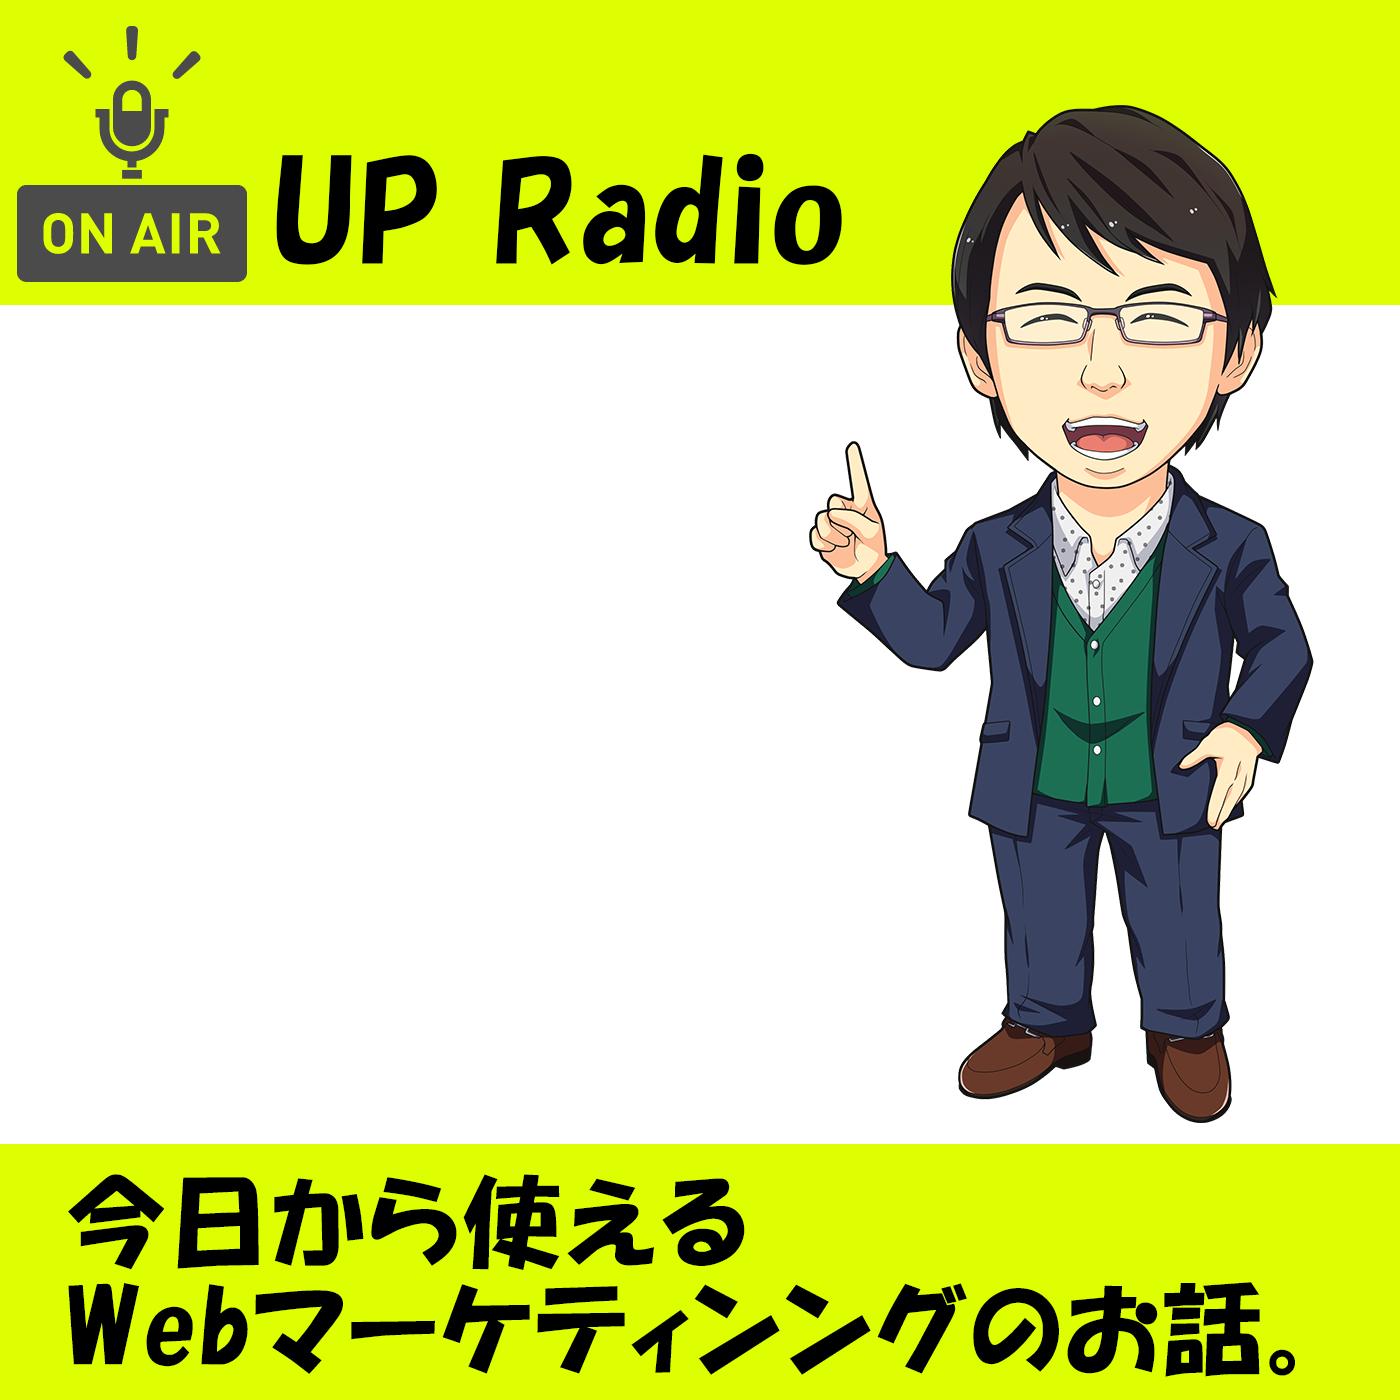 佐藤旭のUP Radio